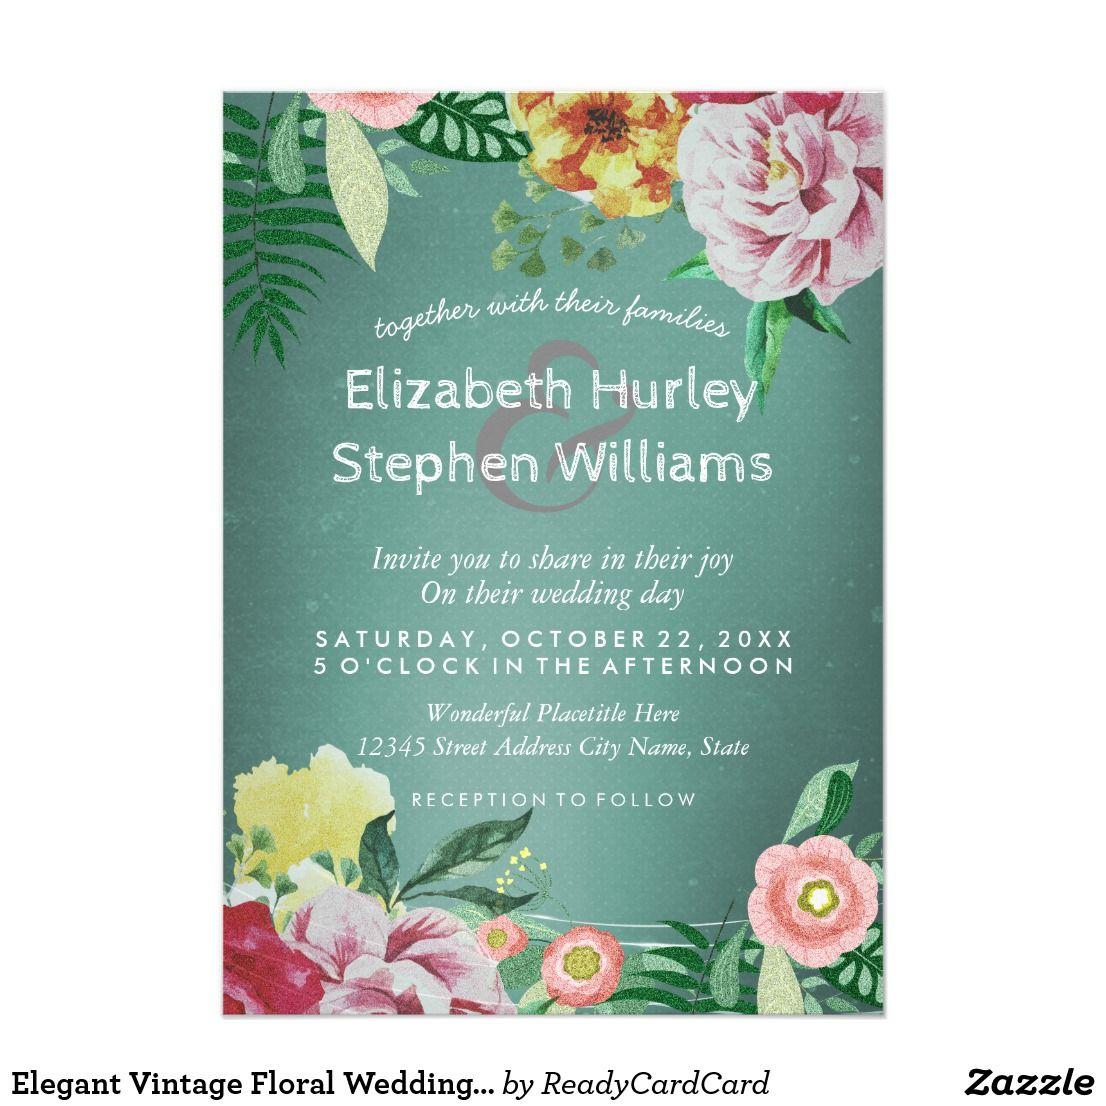 Elegant vintage floral wedding bridal shower card bridal shower